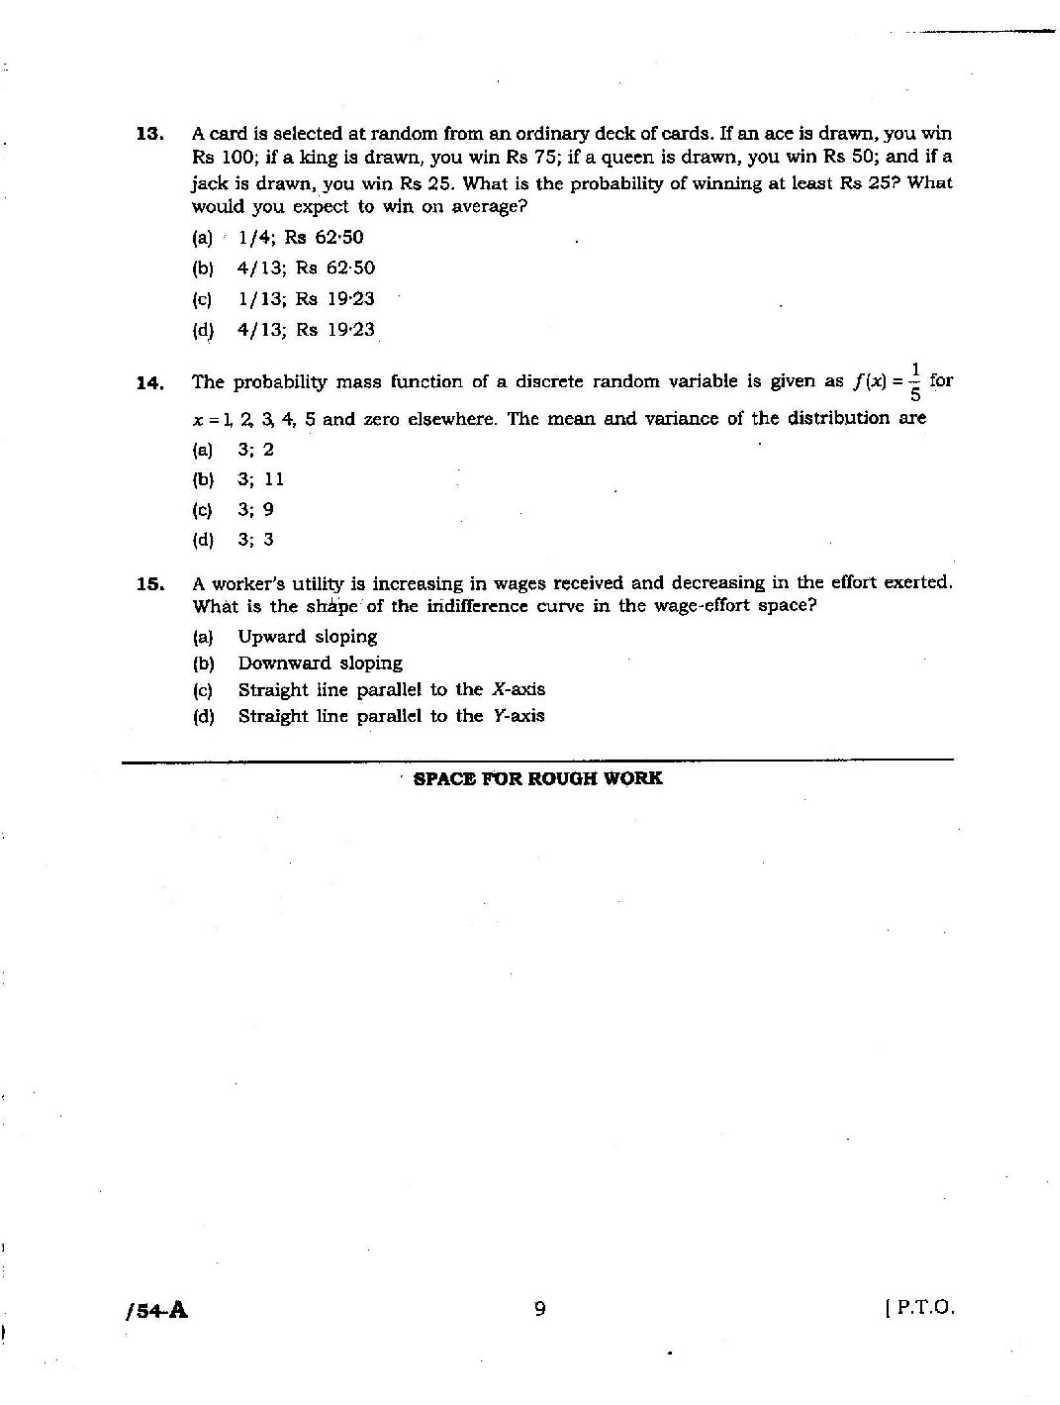 JNU MA Economics Entrance Question Papers - Page 2 - 2018